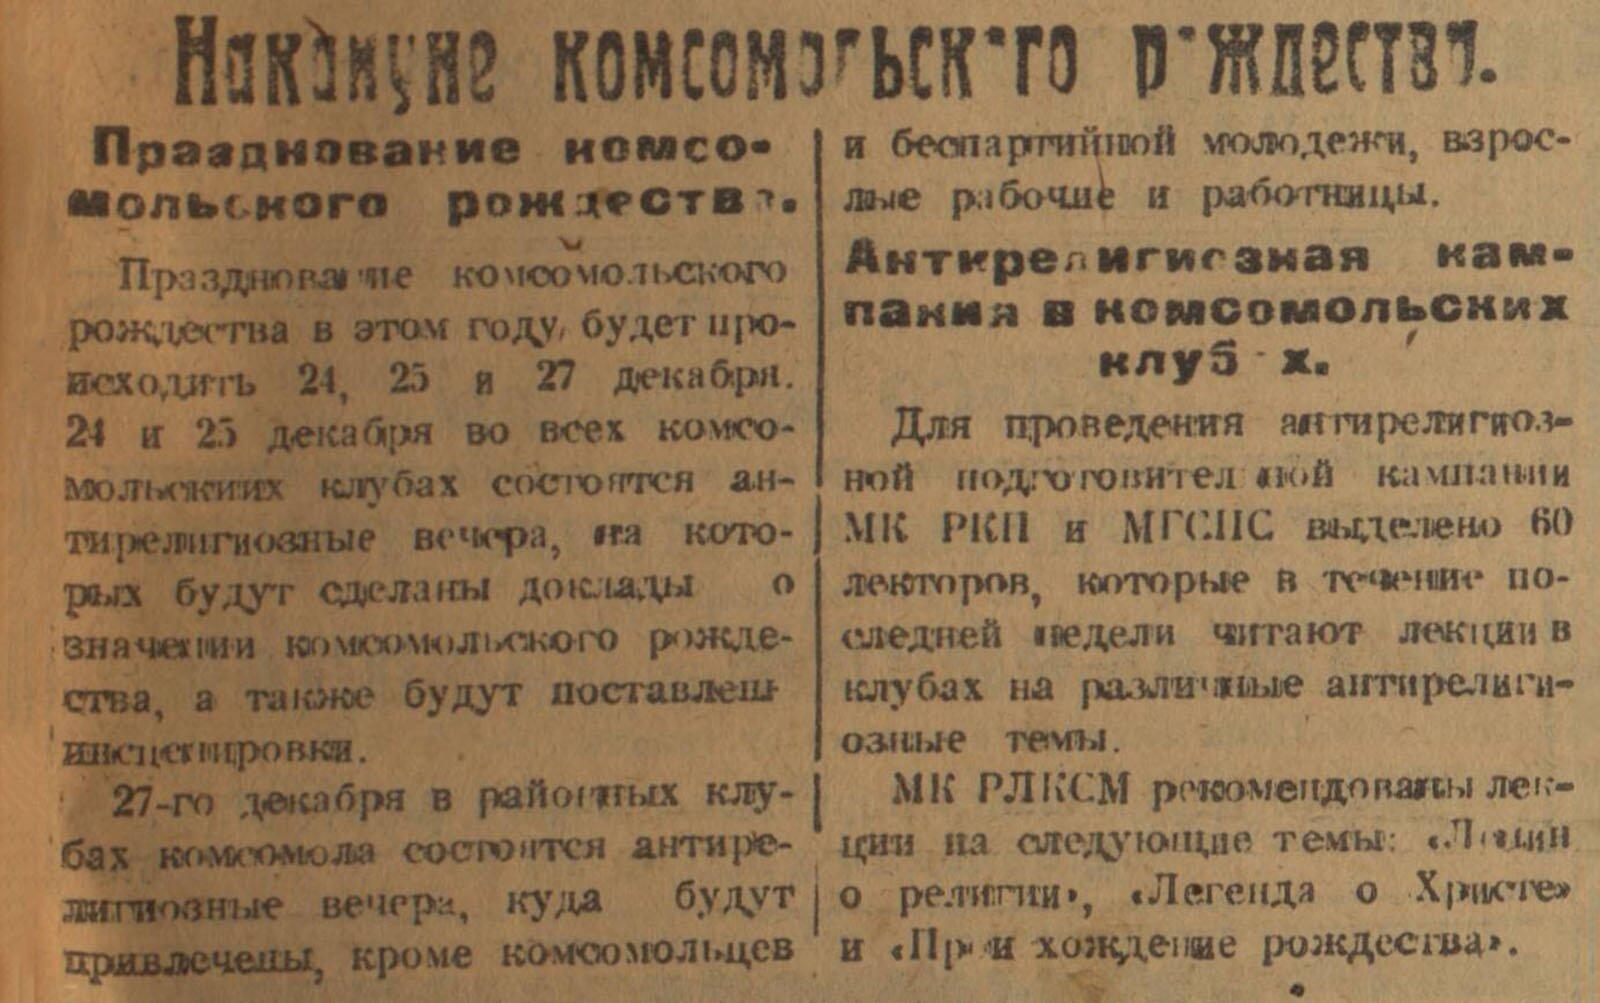 Газета «Рабочая Москва», № 292 от 23 декабря 1924 года. Главархив Москвы